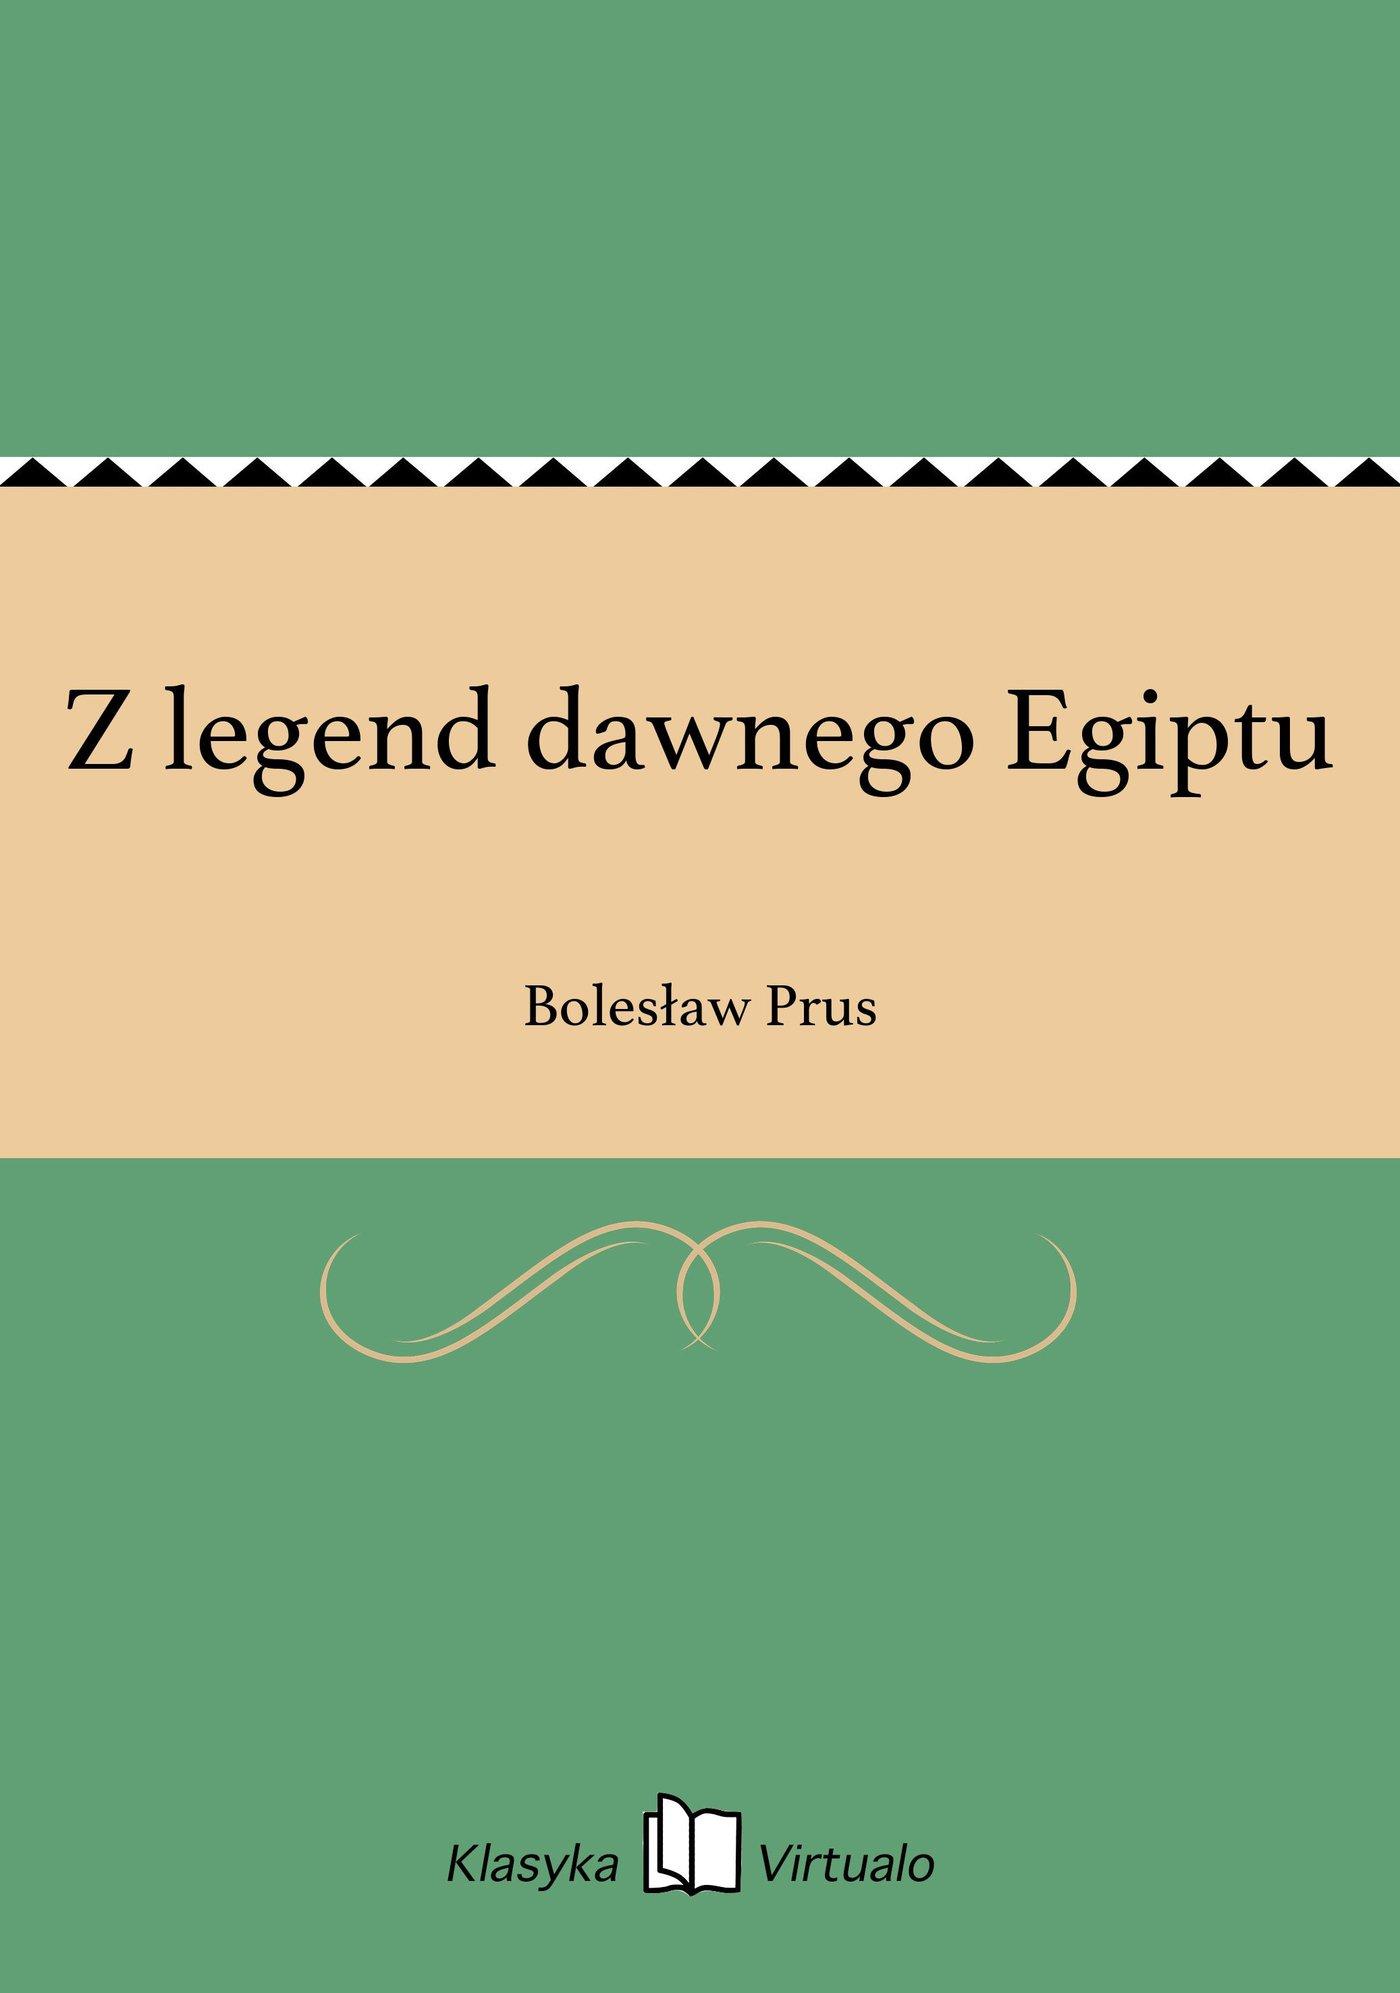 Z legend dawnego Egiptu - Ebook (Książka EPUB) do pobrania w formacie EPUB